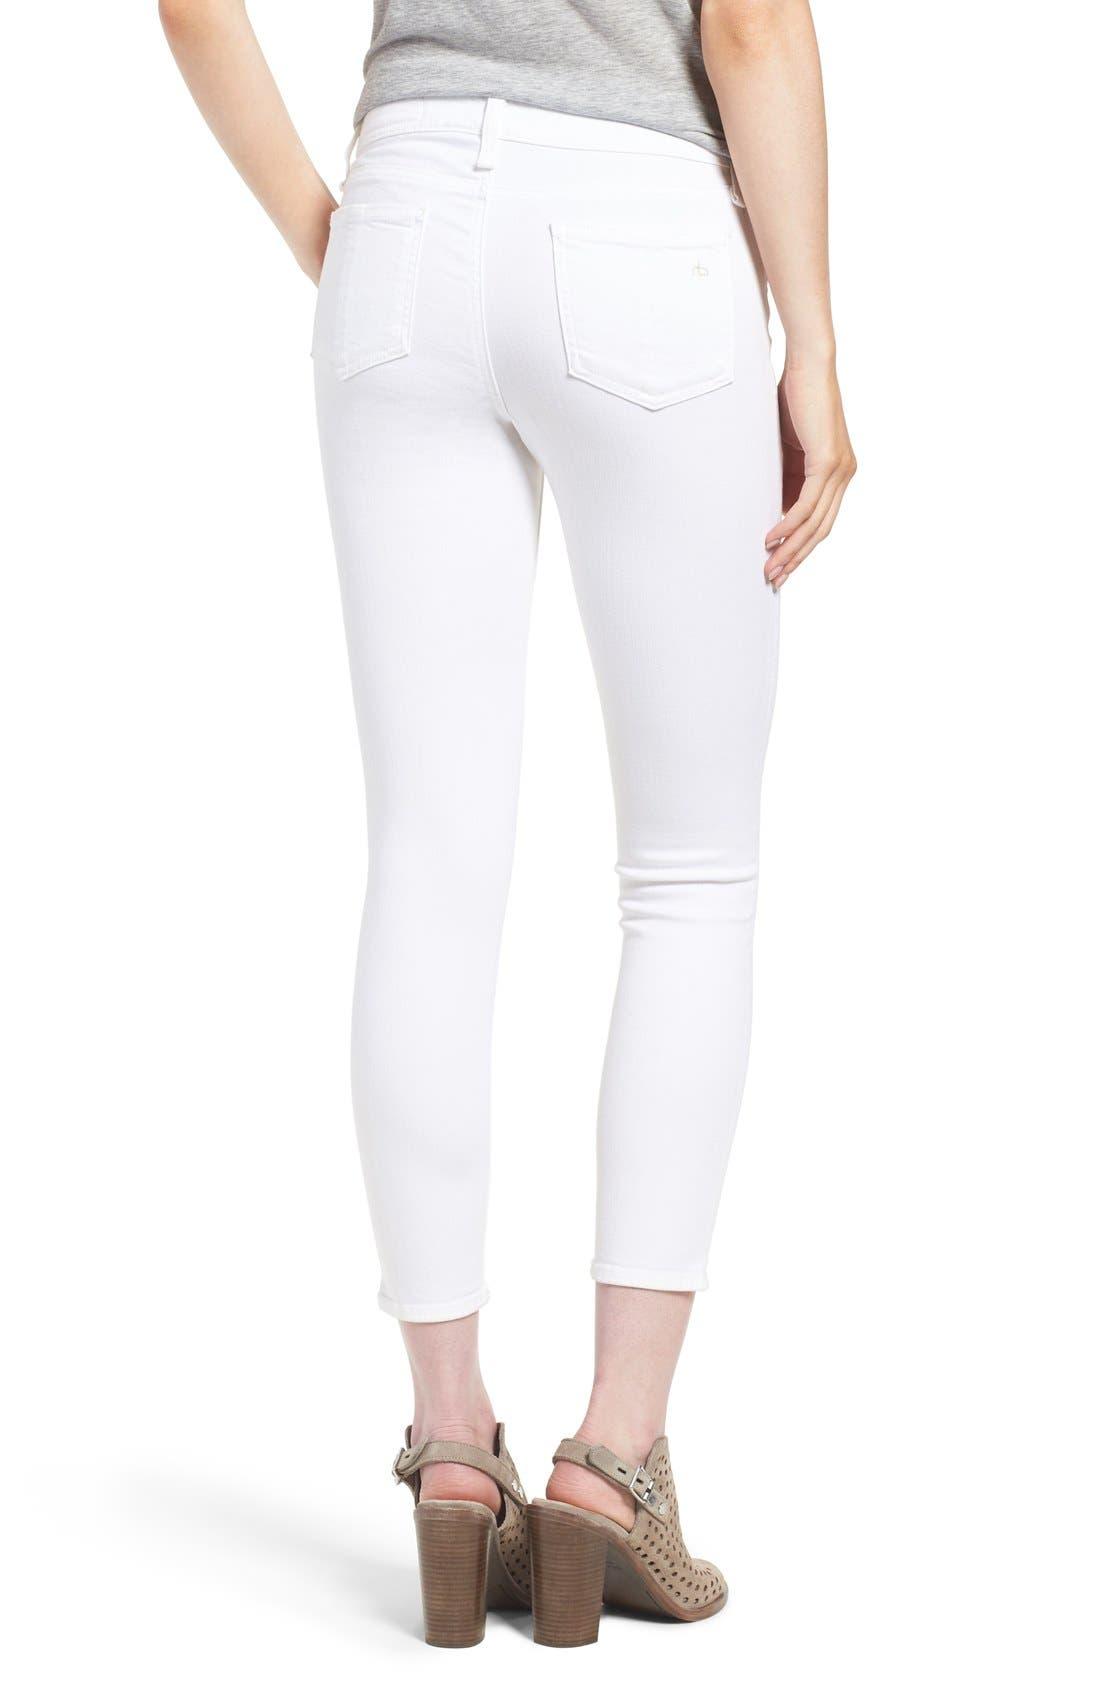 Alternate Image 2  - rag & bone/JEAN 'Capri' Skinny Crop Jeans (Bright White)